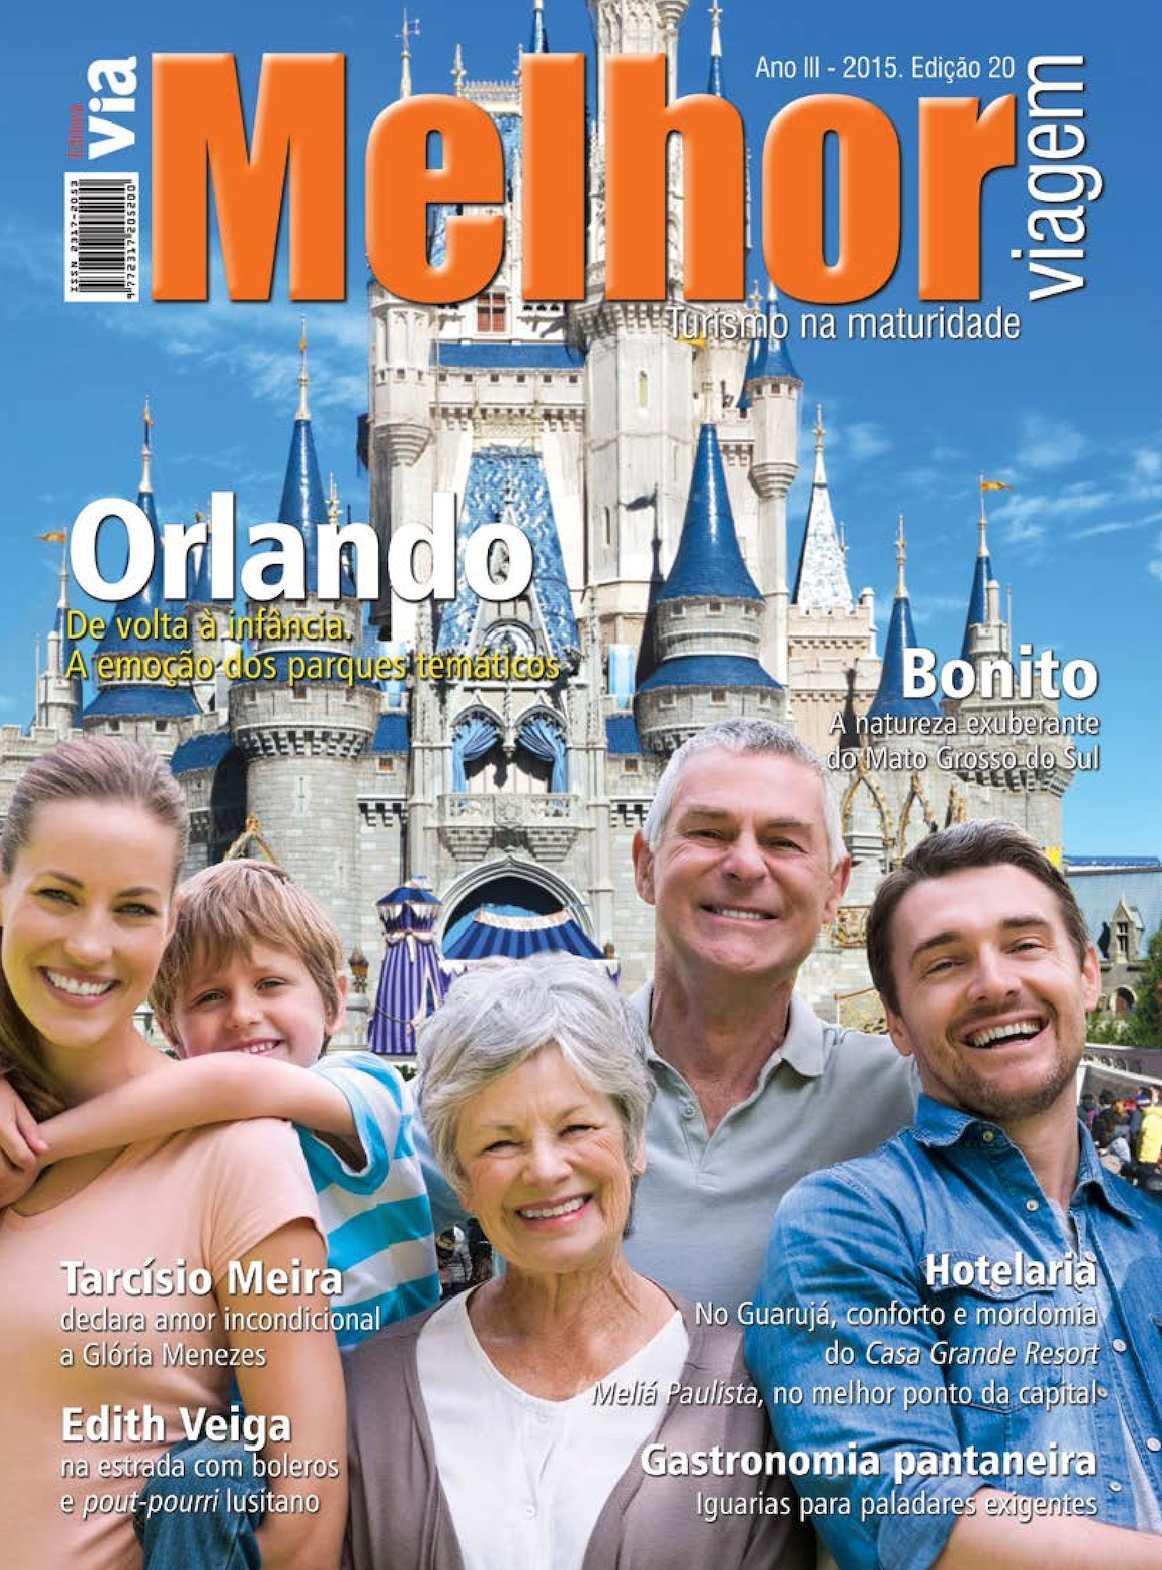 Calaméo - Revista Melhor Viagem nº 20 3ffedfd246